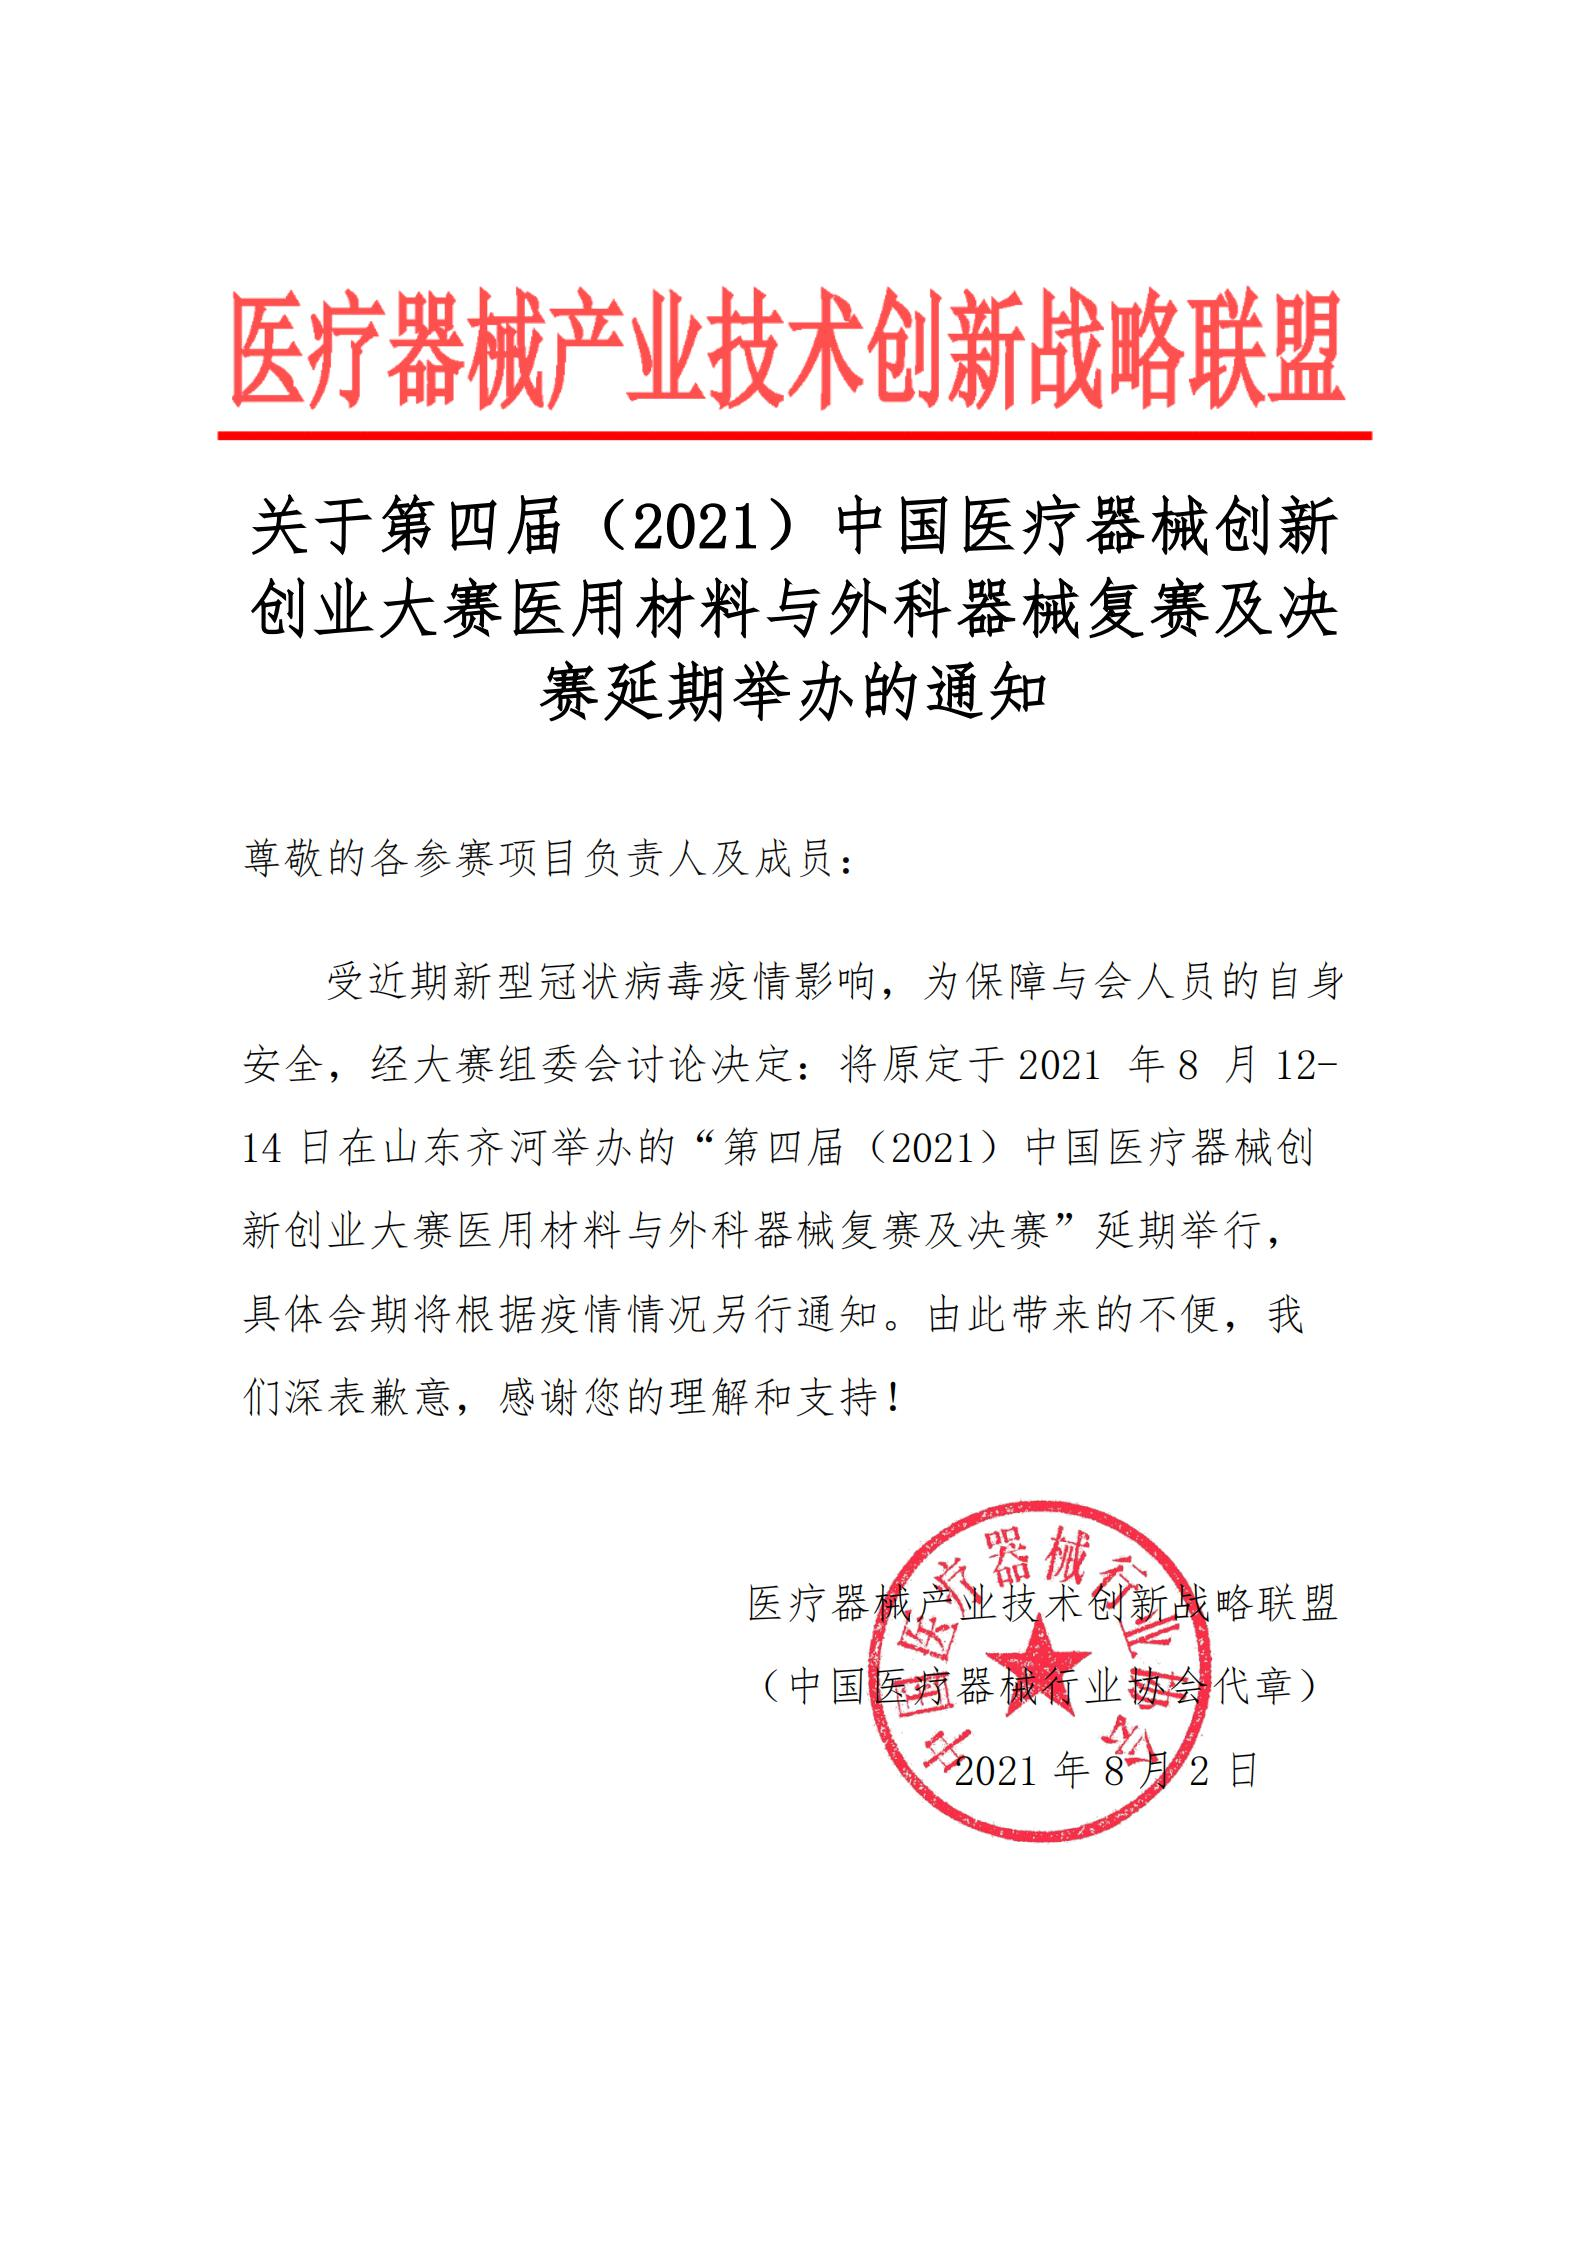 关于第四届(2021)中国医疗器械创新创业大赛医用材料与外科器械复赛及决赛延期举办的通知